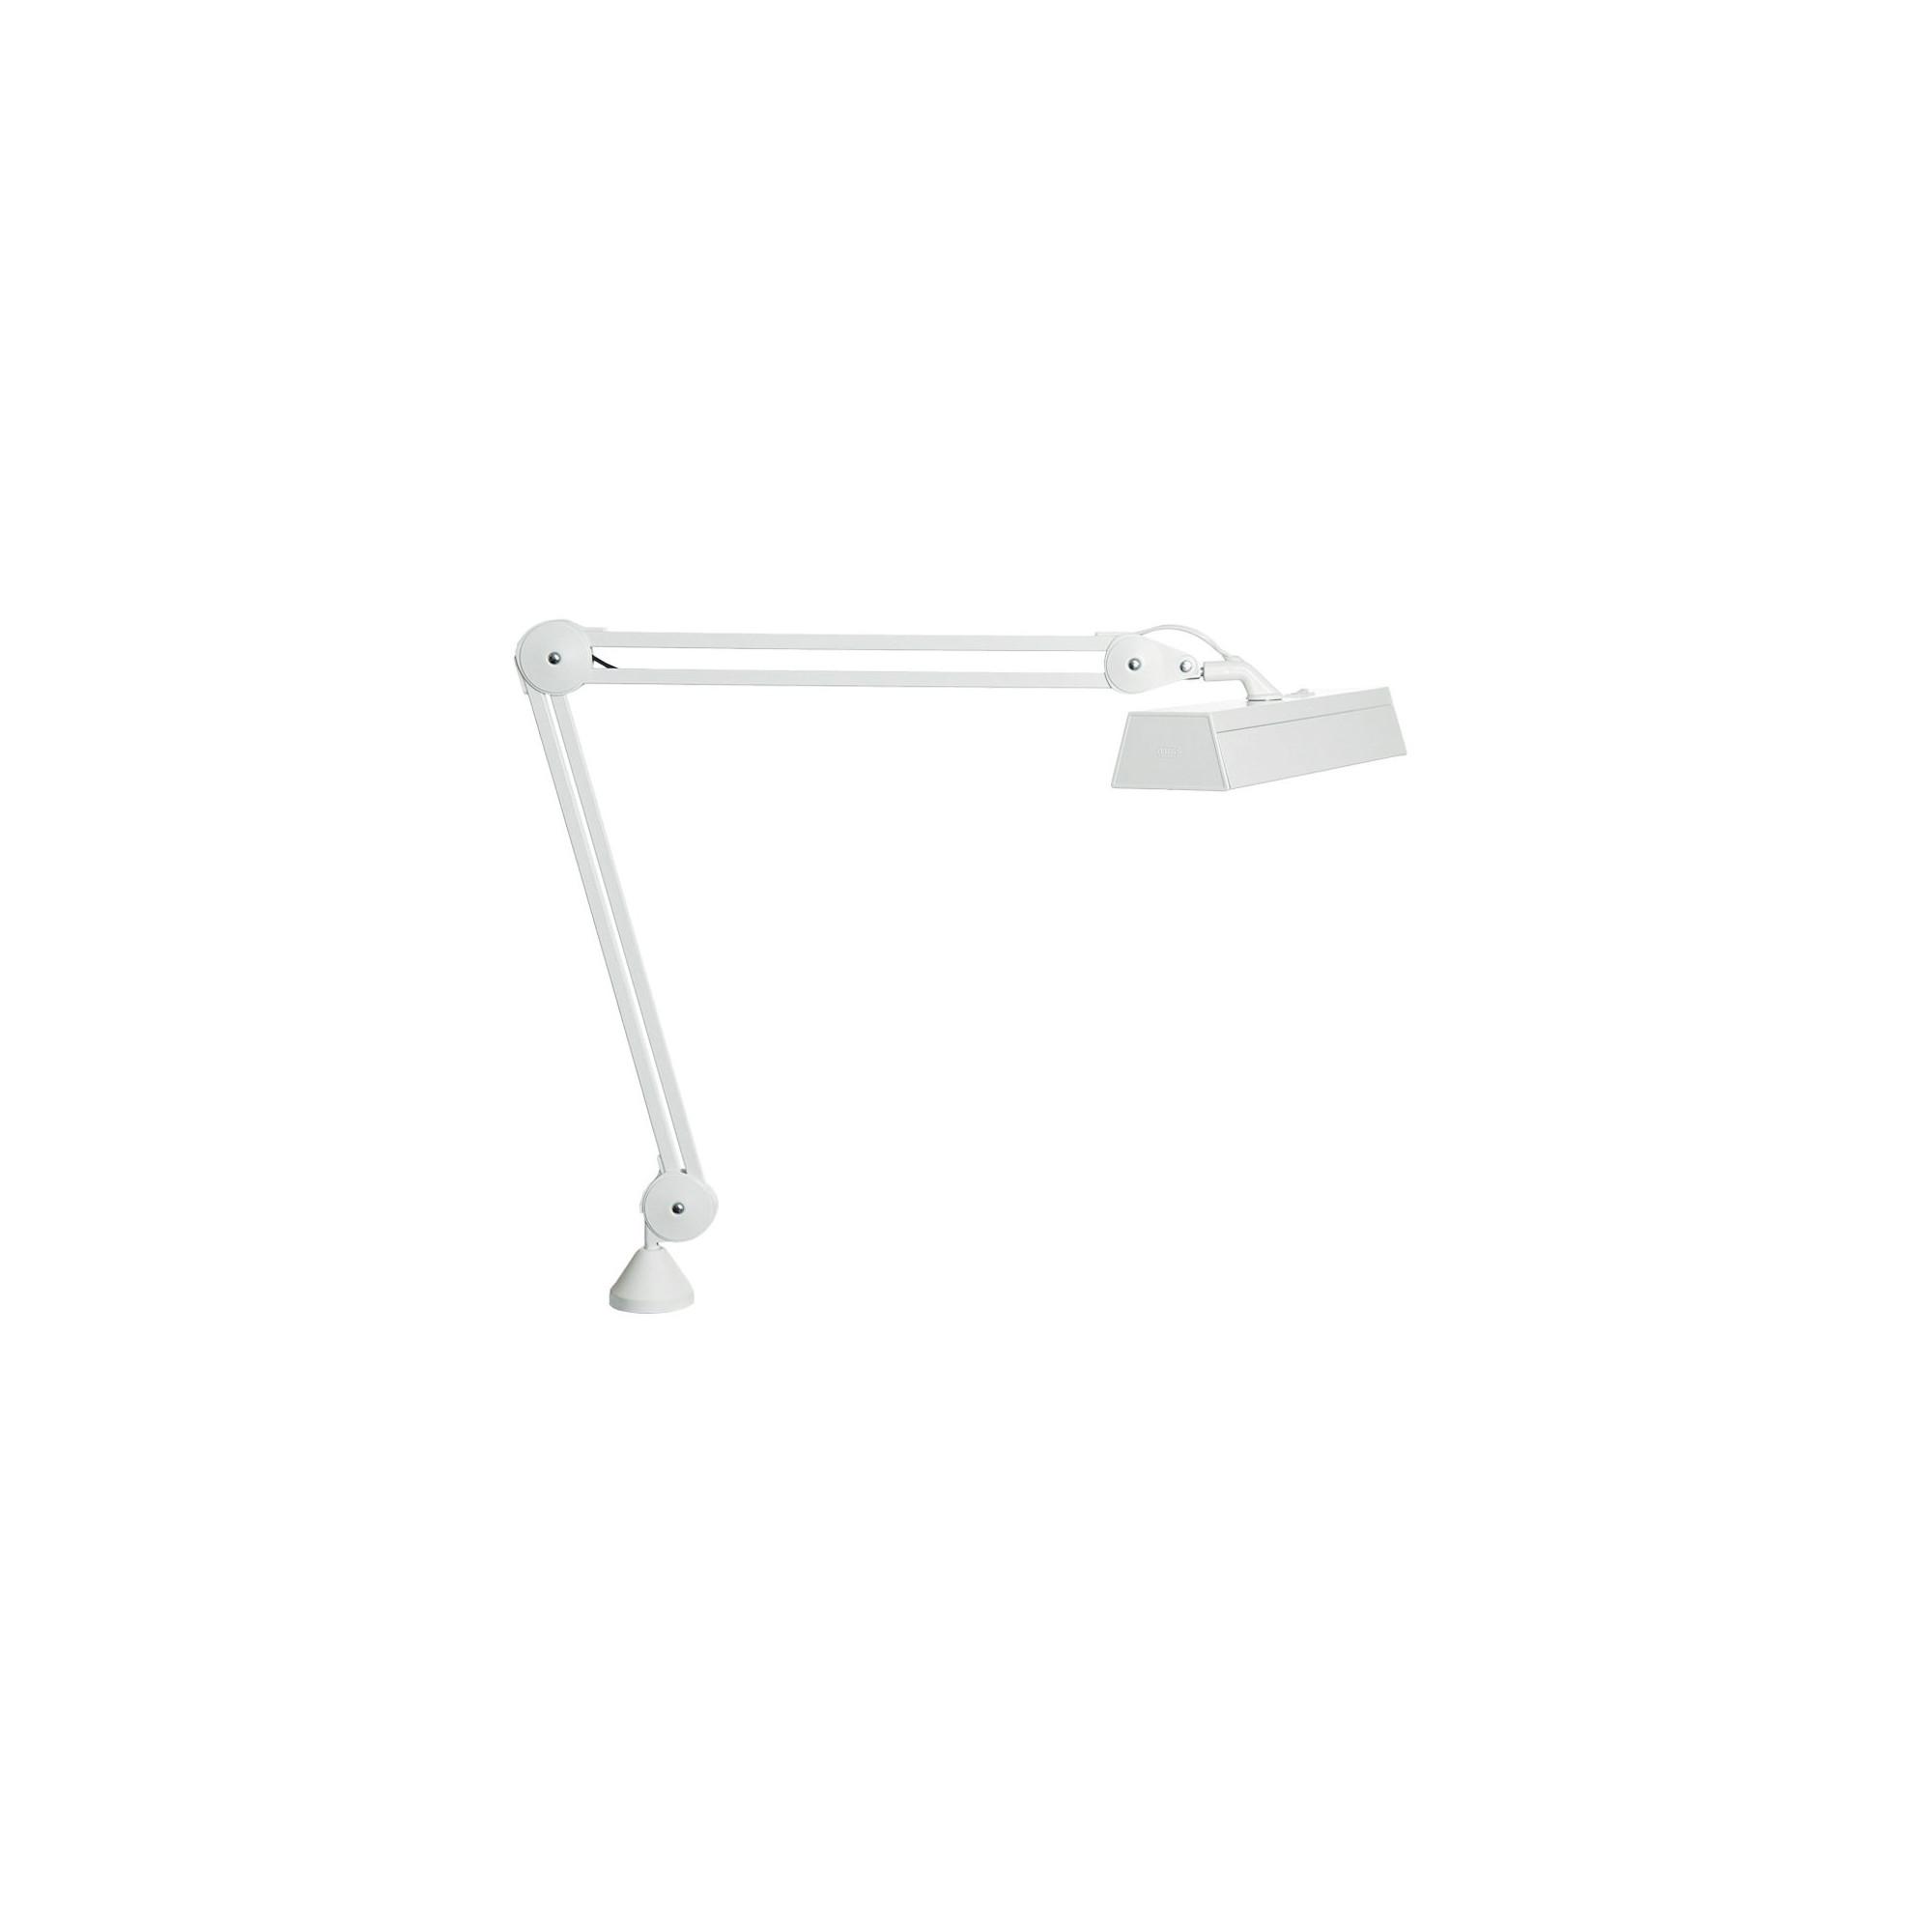 Lampe articulée - Fluorescent 15W ou LED 7,5WLed LS Pus